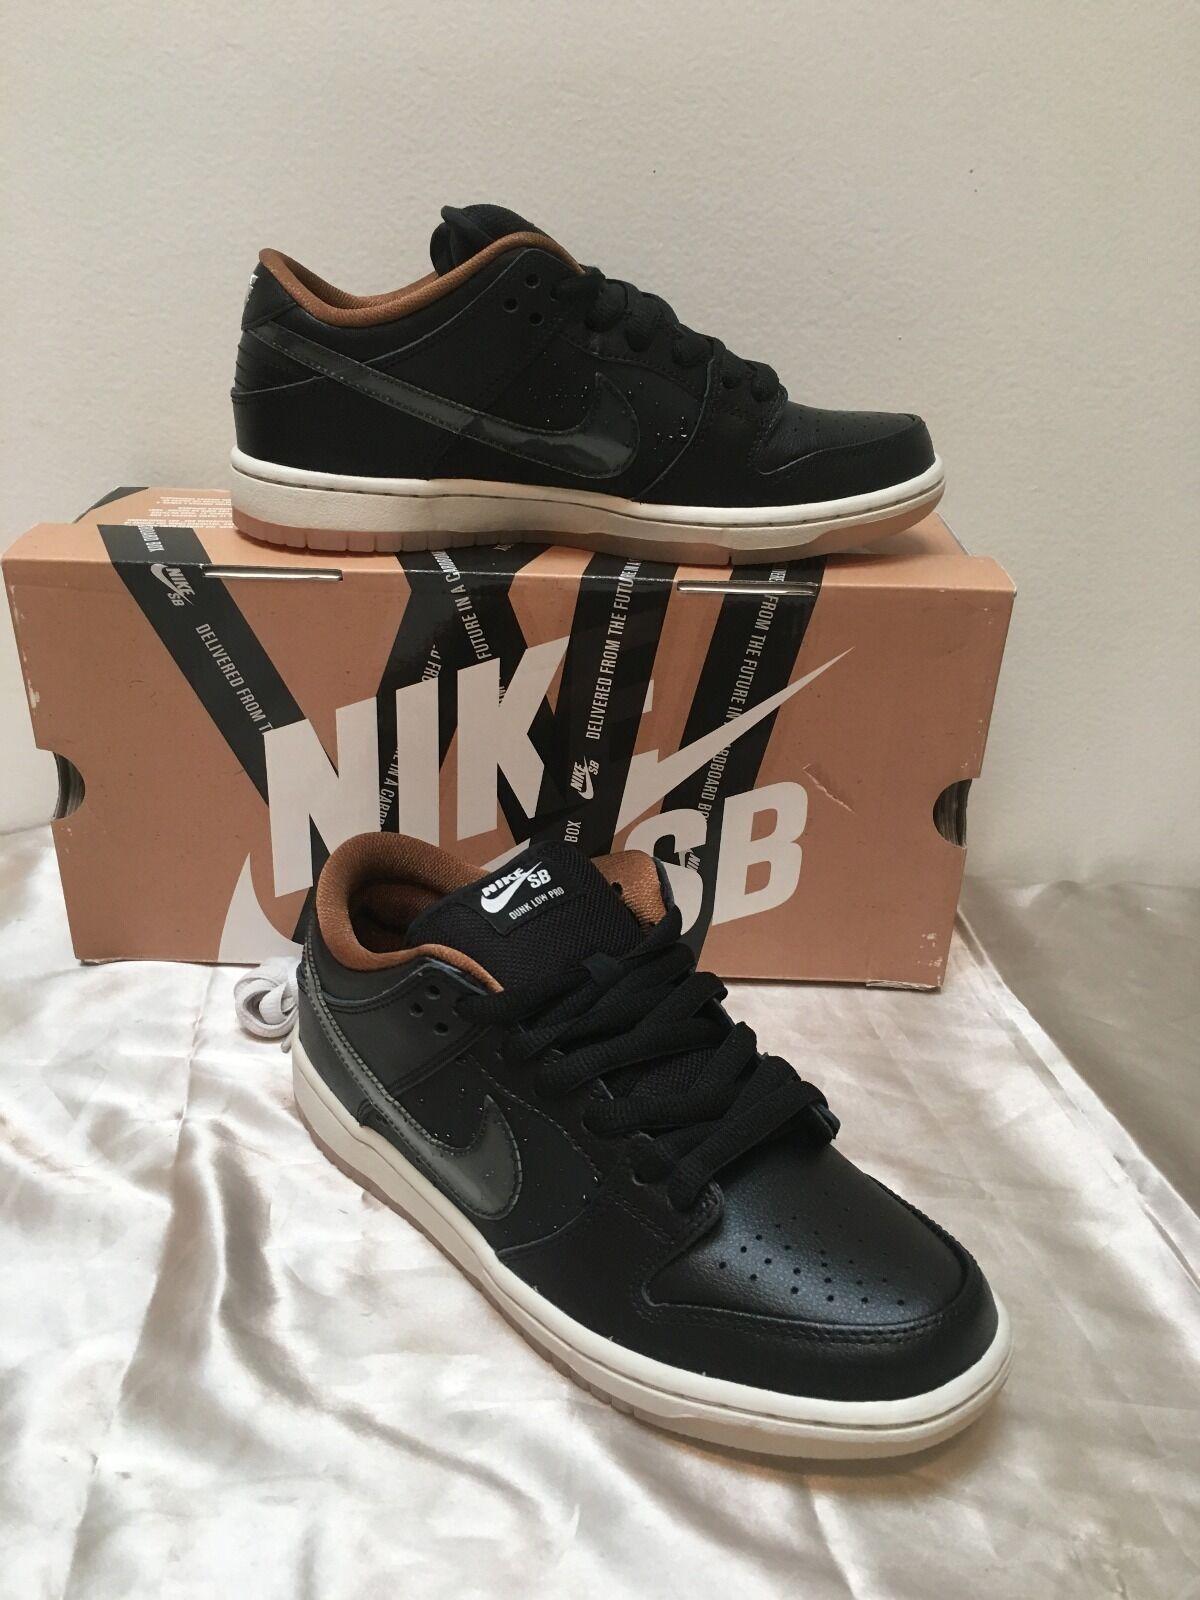 Nike e basso basso basso premio sb qs nero / osso pioggia nera gli uomini dimensioni 7,5 nuovi 504750 011 ff71c0